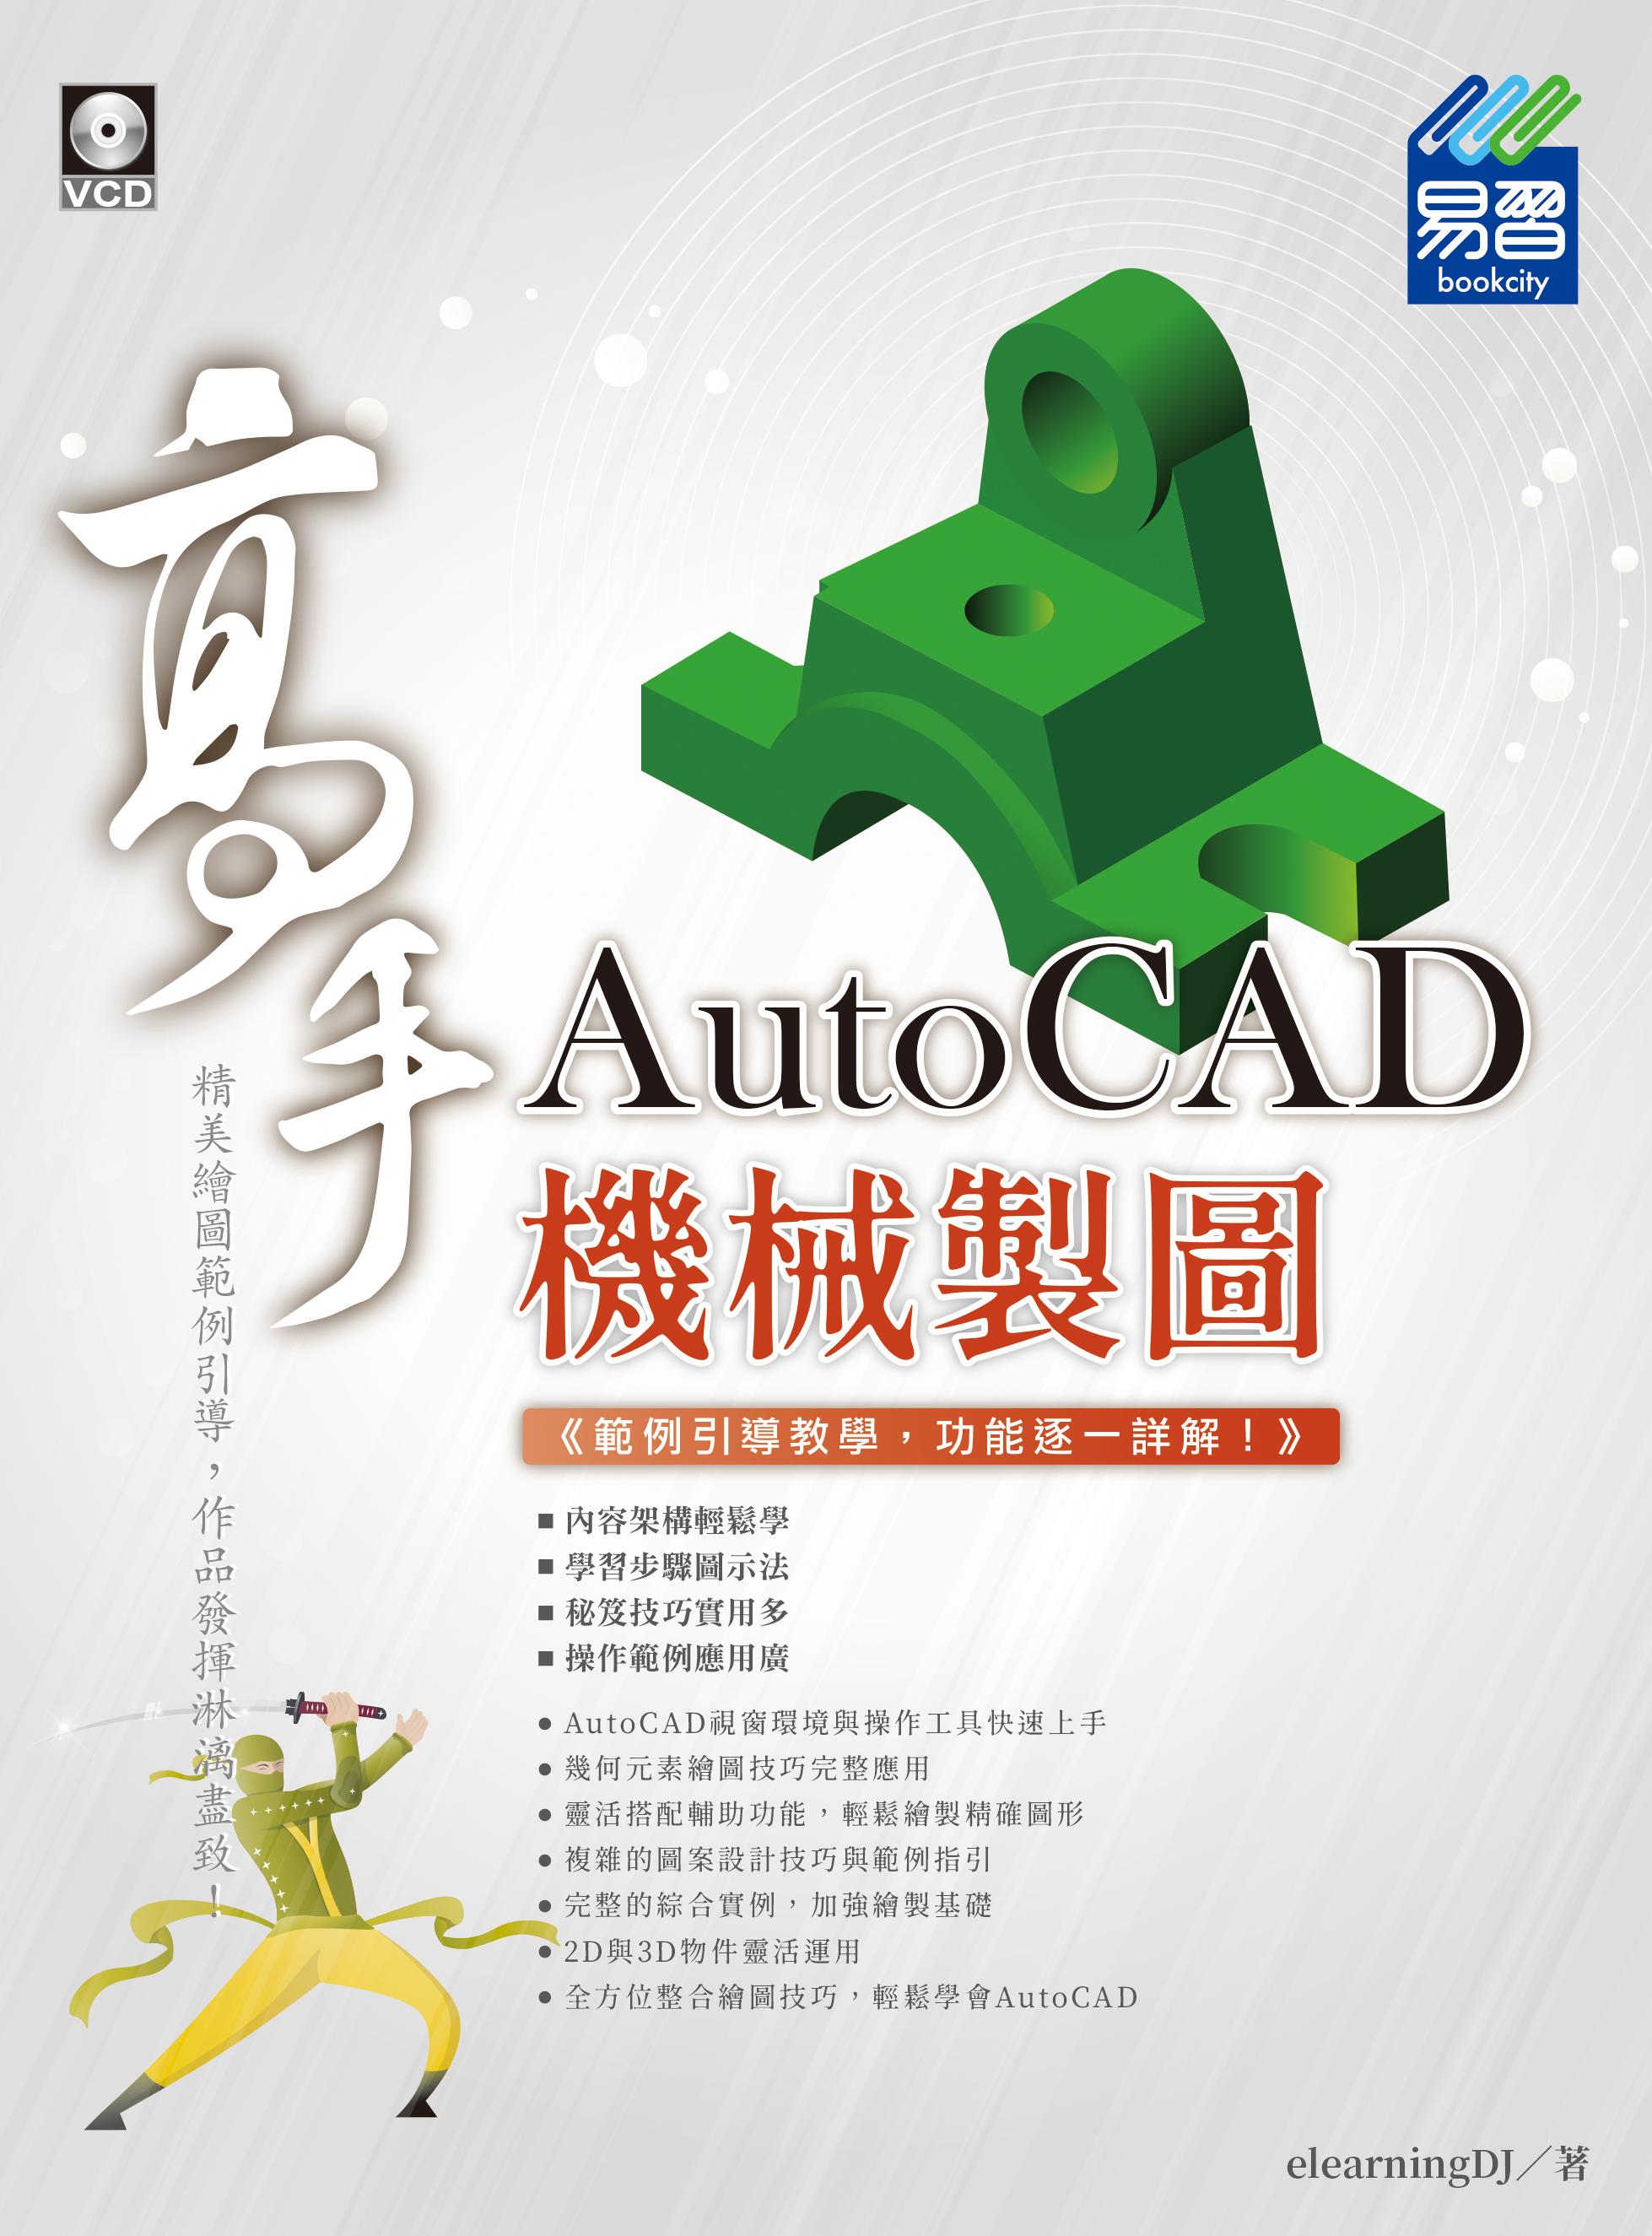 AutoCAD 機械製圖 高手